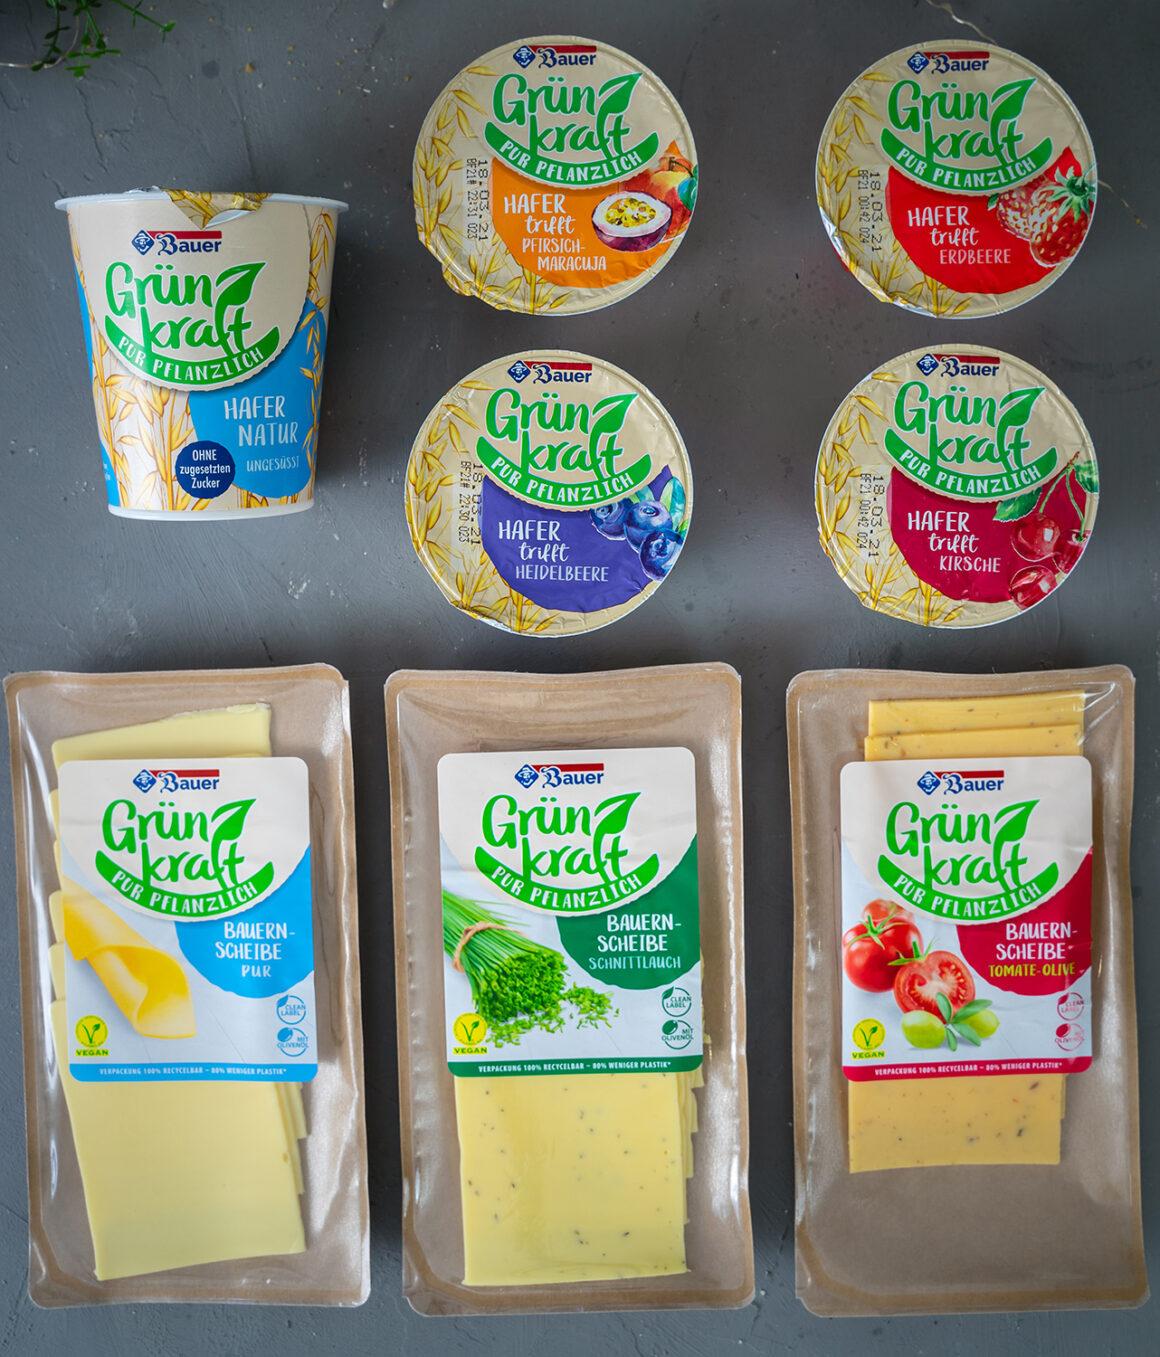 Bauer GrünKraft - alle Produkte